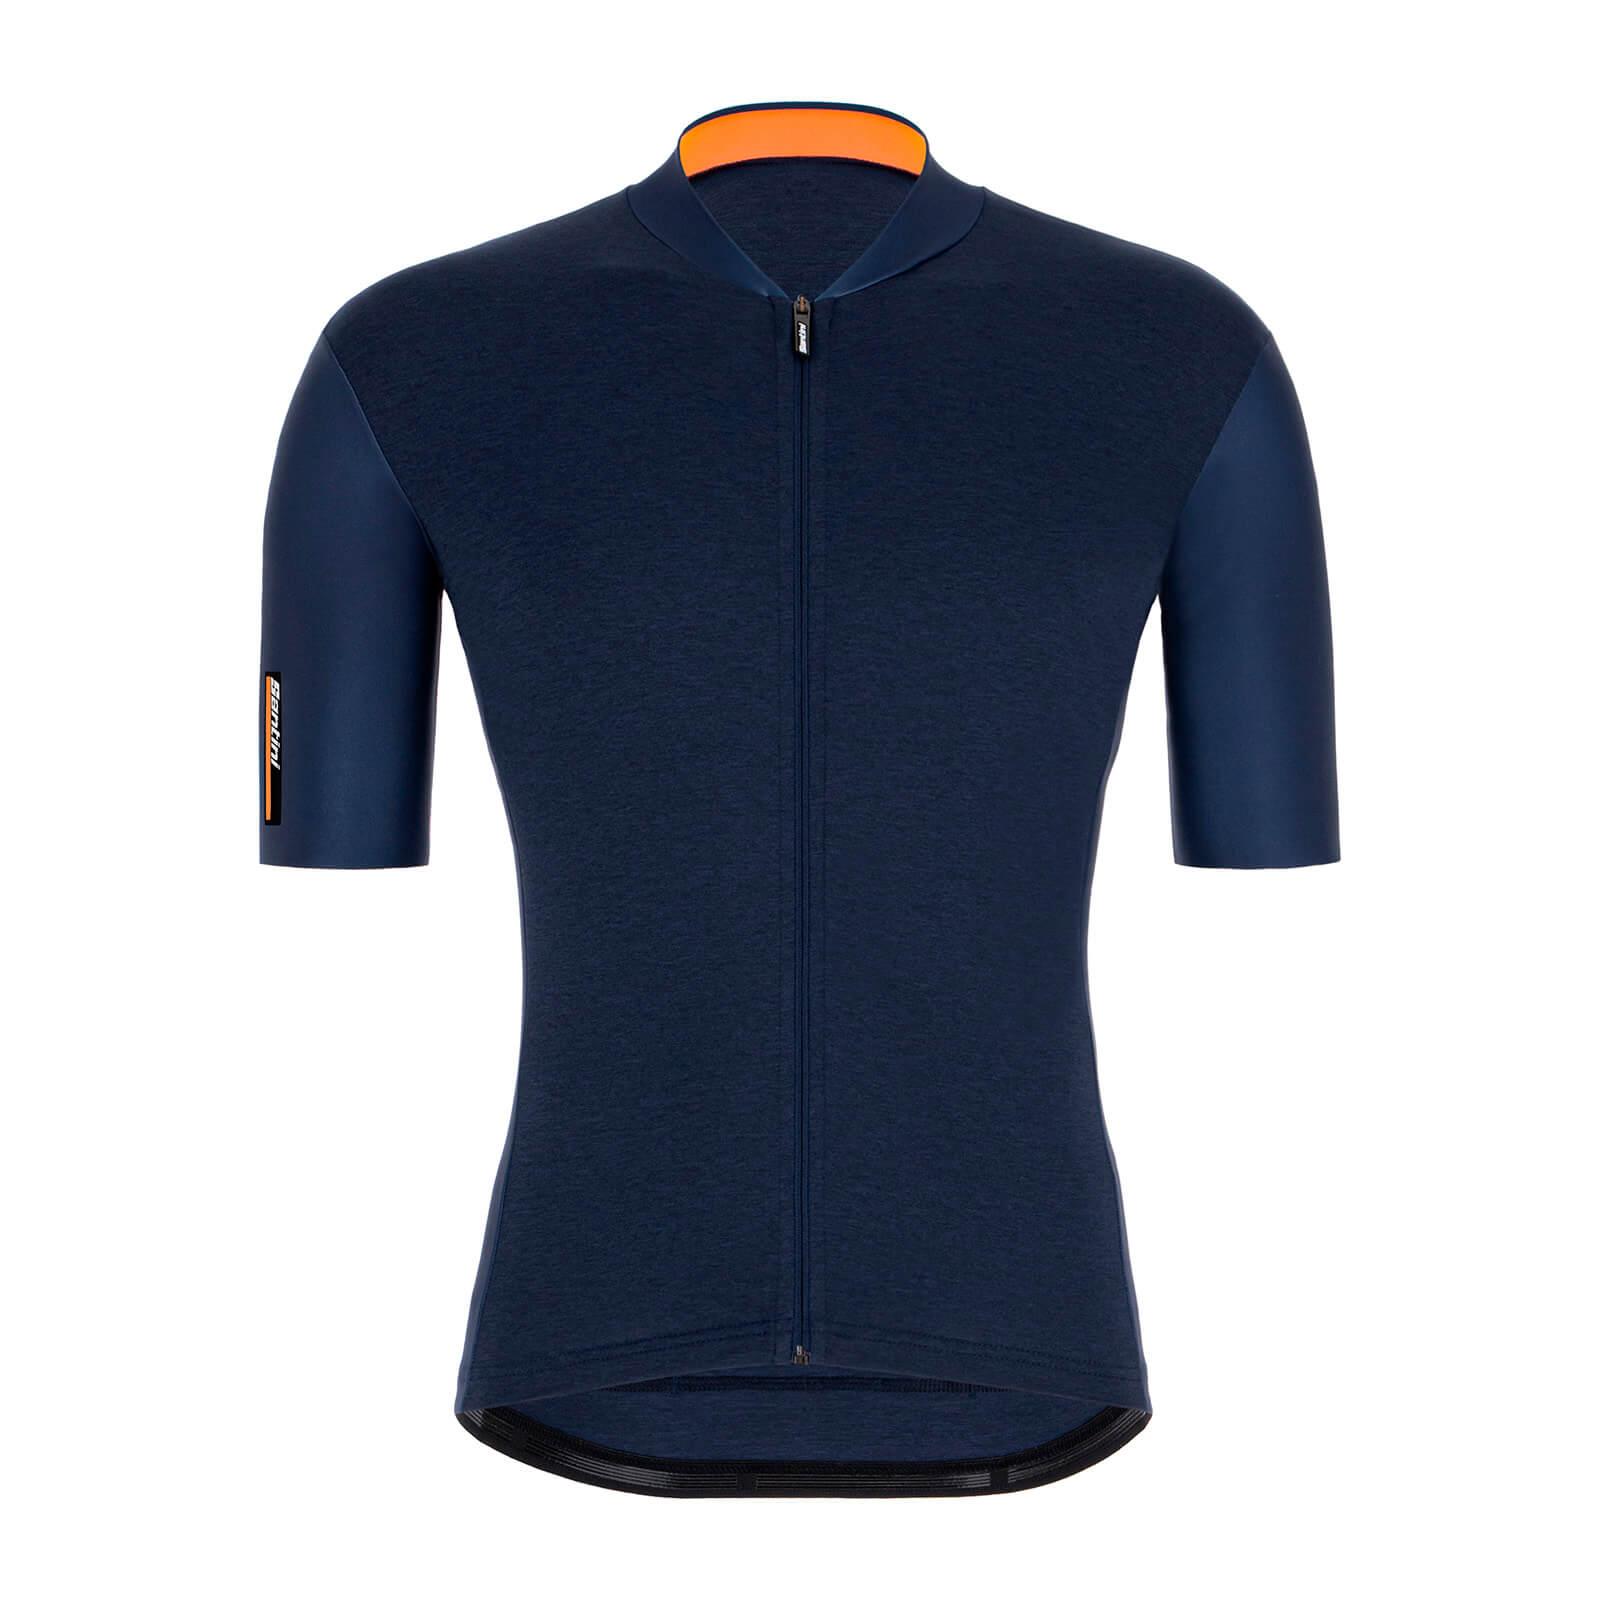 Santini Colore Jersey - S - Nautica Blue